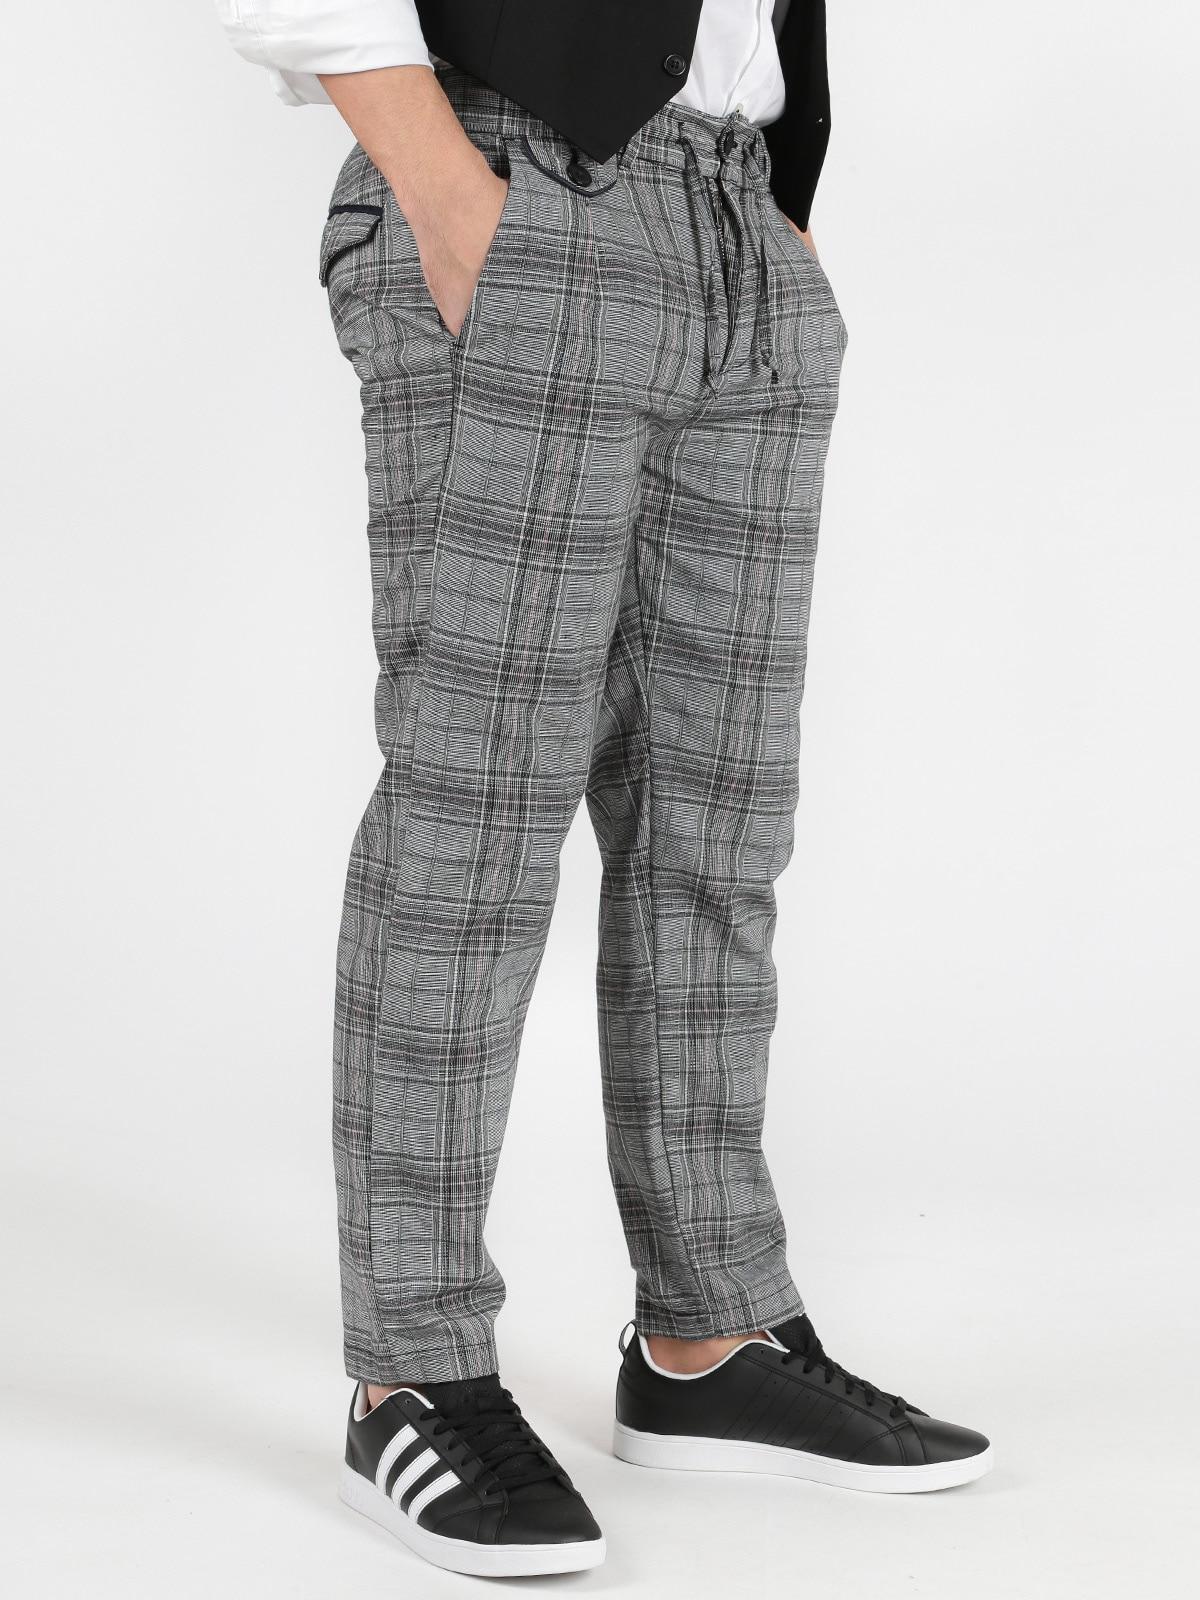 Pants Scottish Men